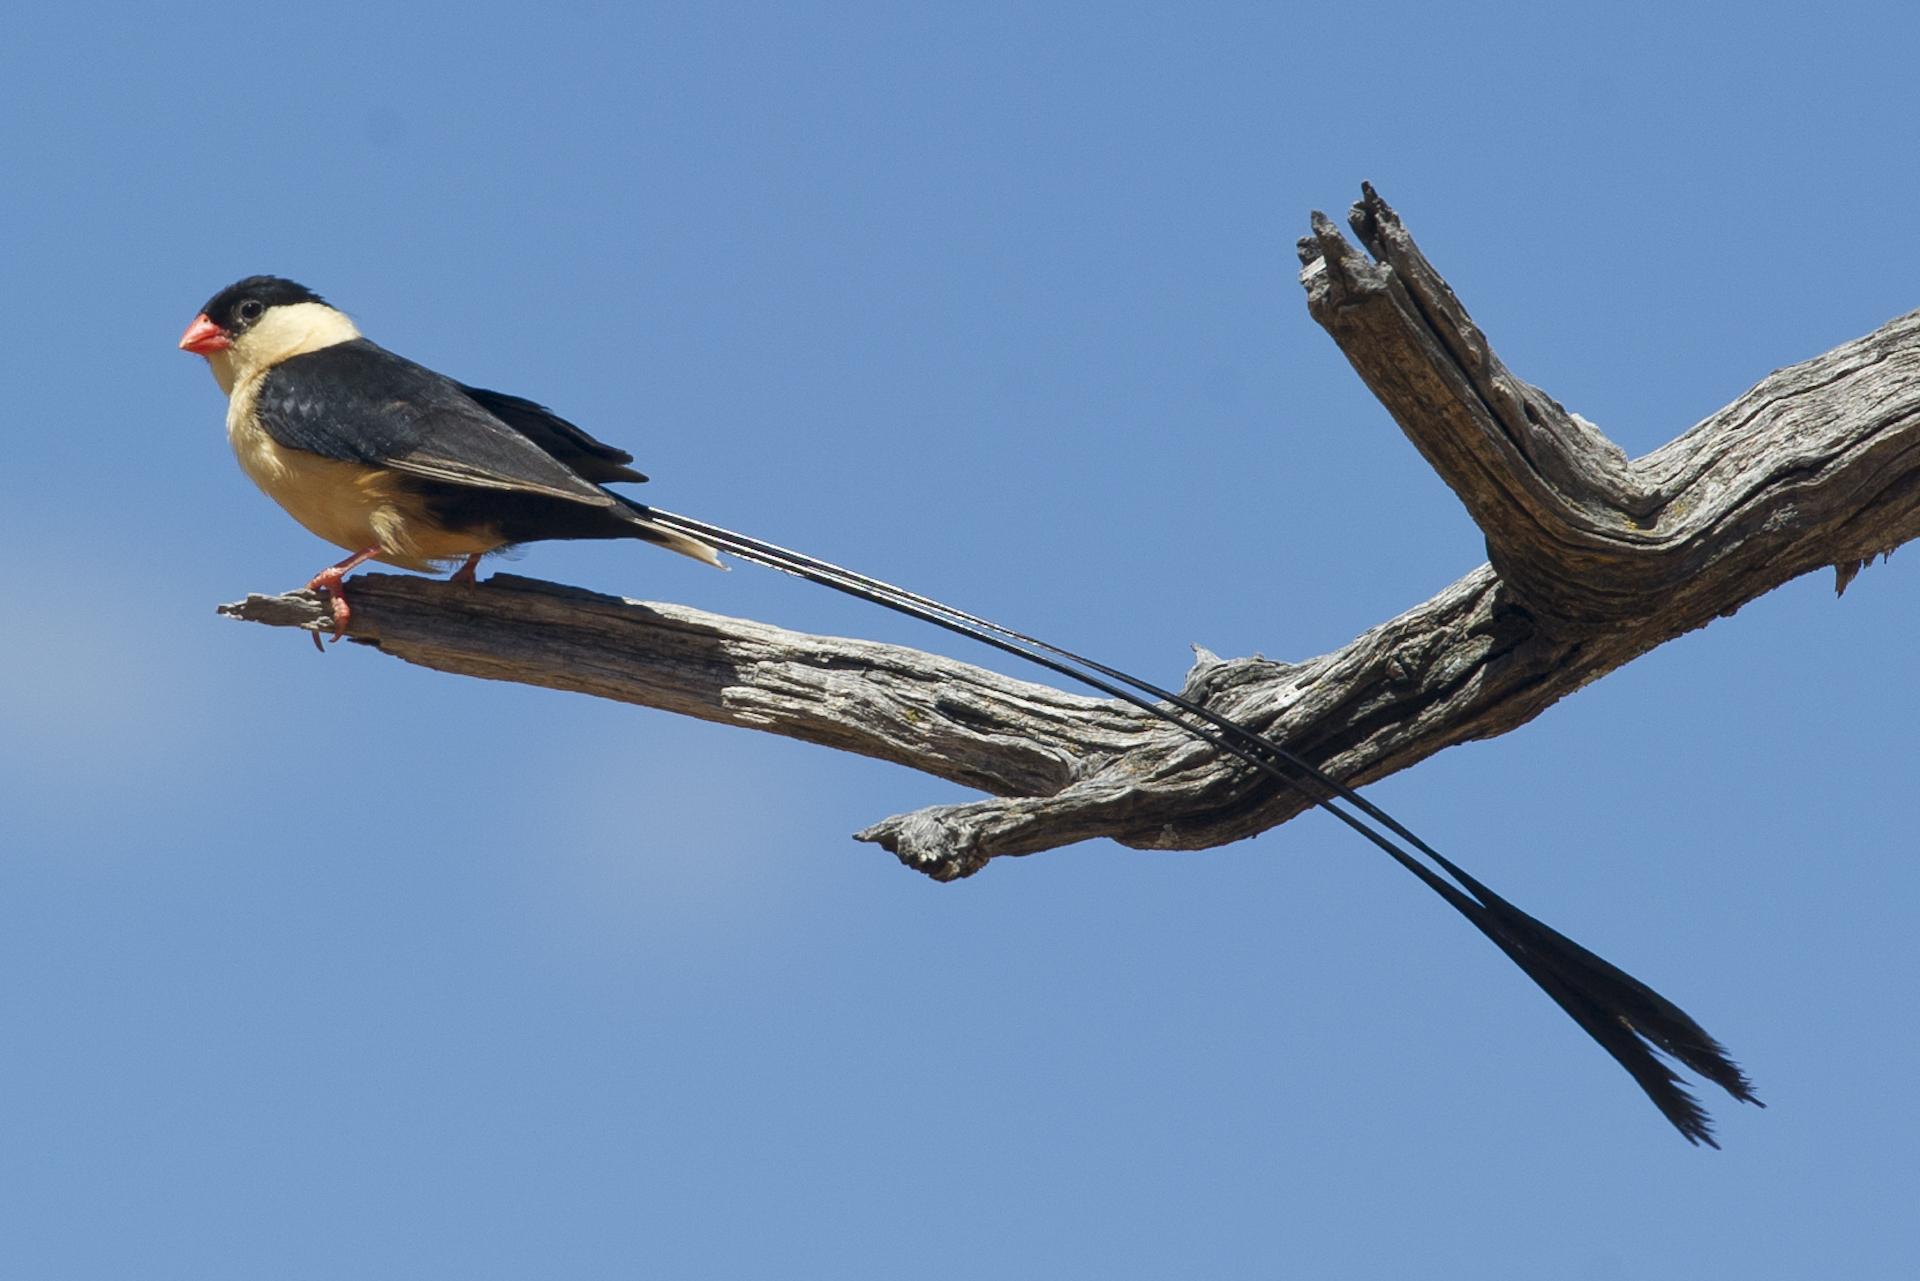 Birding at Okonjima